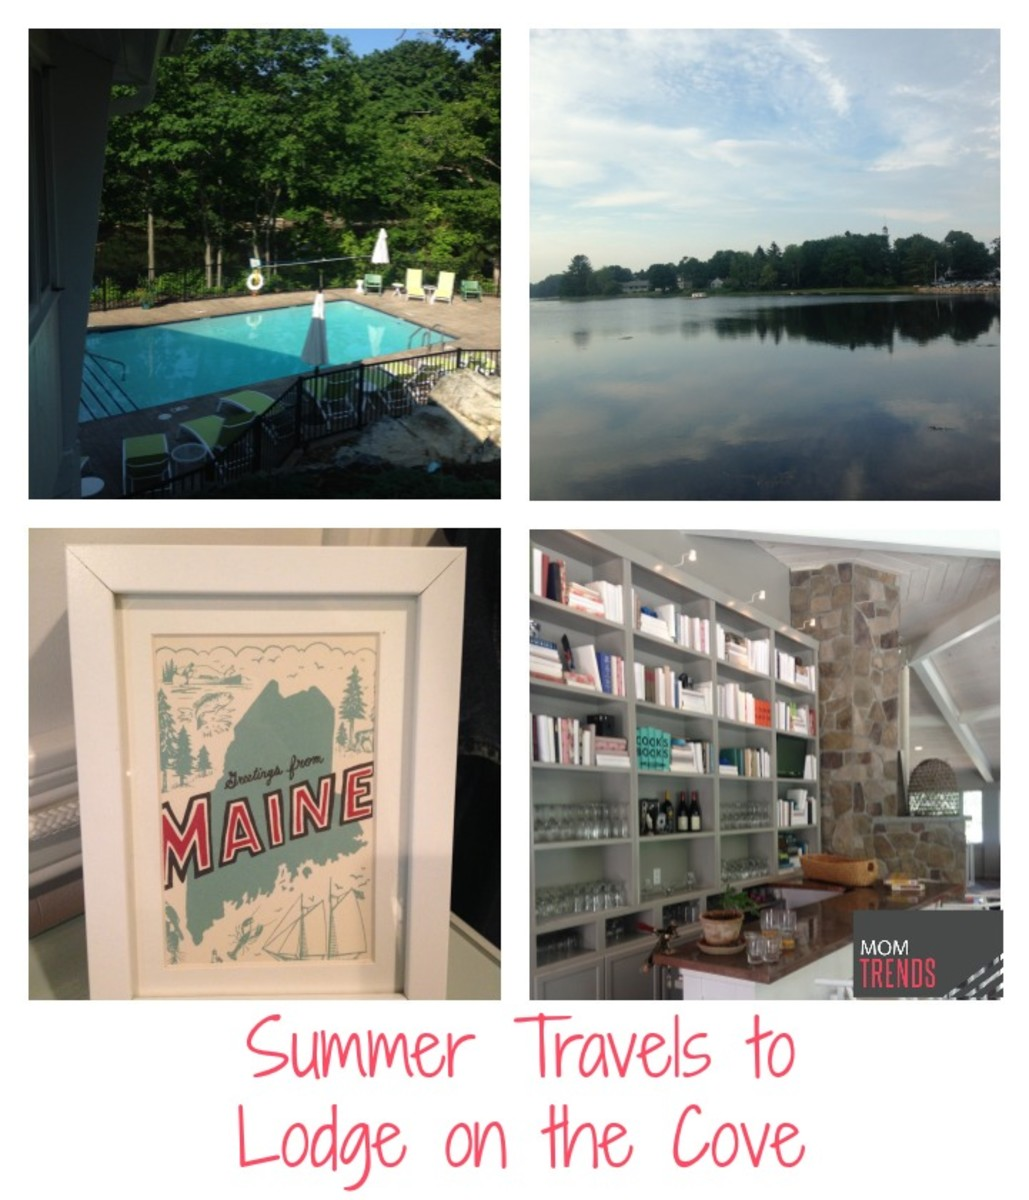 Summer Travels to Lodge on Cove.jpg.jpg